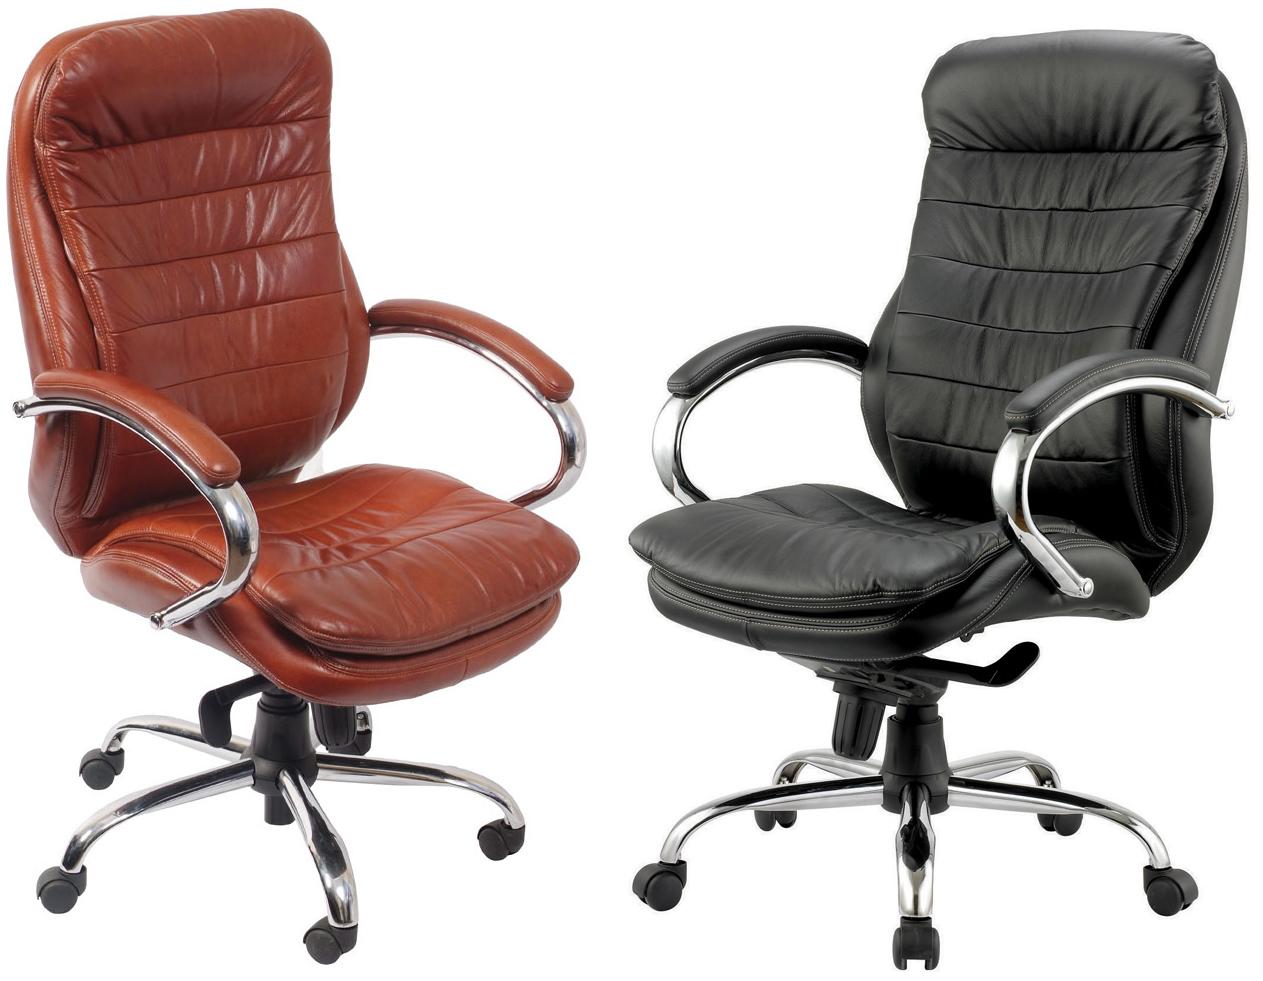 Вся офисная мебель от эконом до премиум класса в Реми